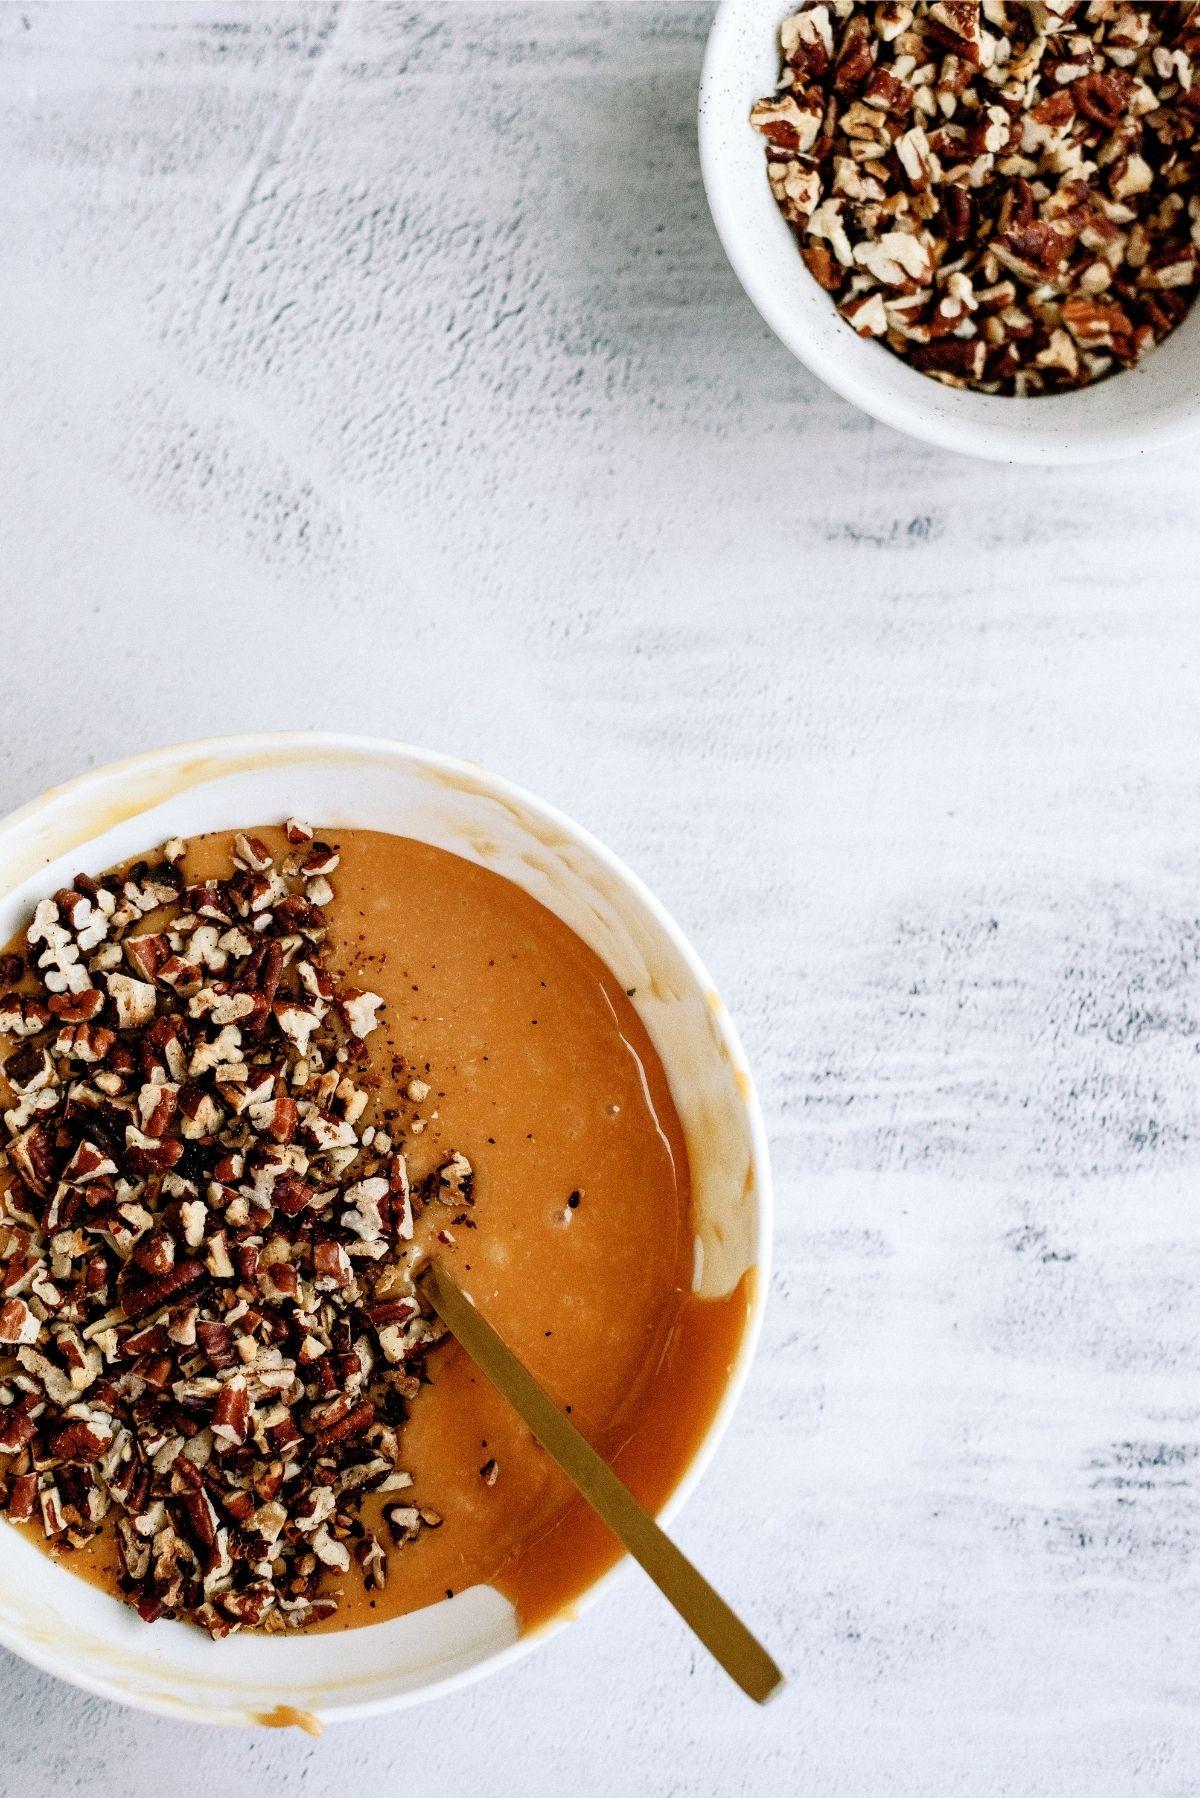 Pecans mixed in caramel sauce